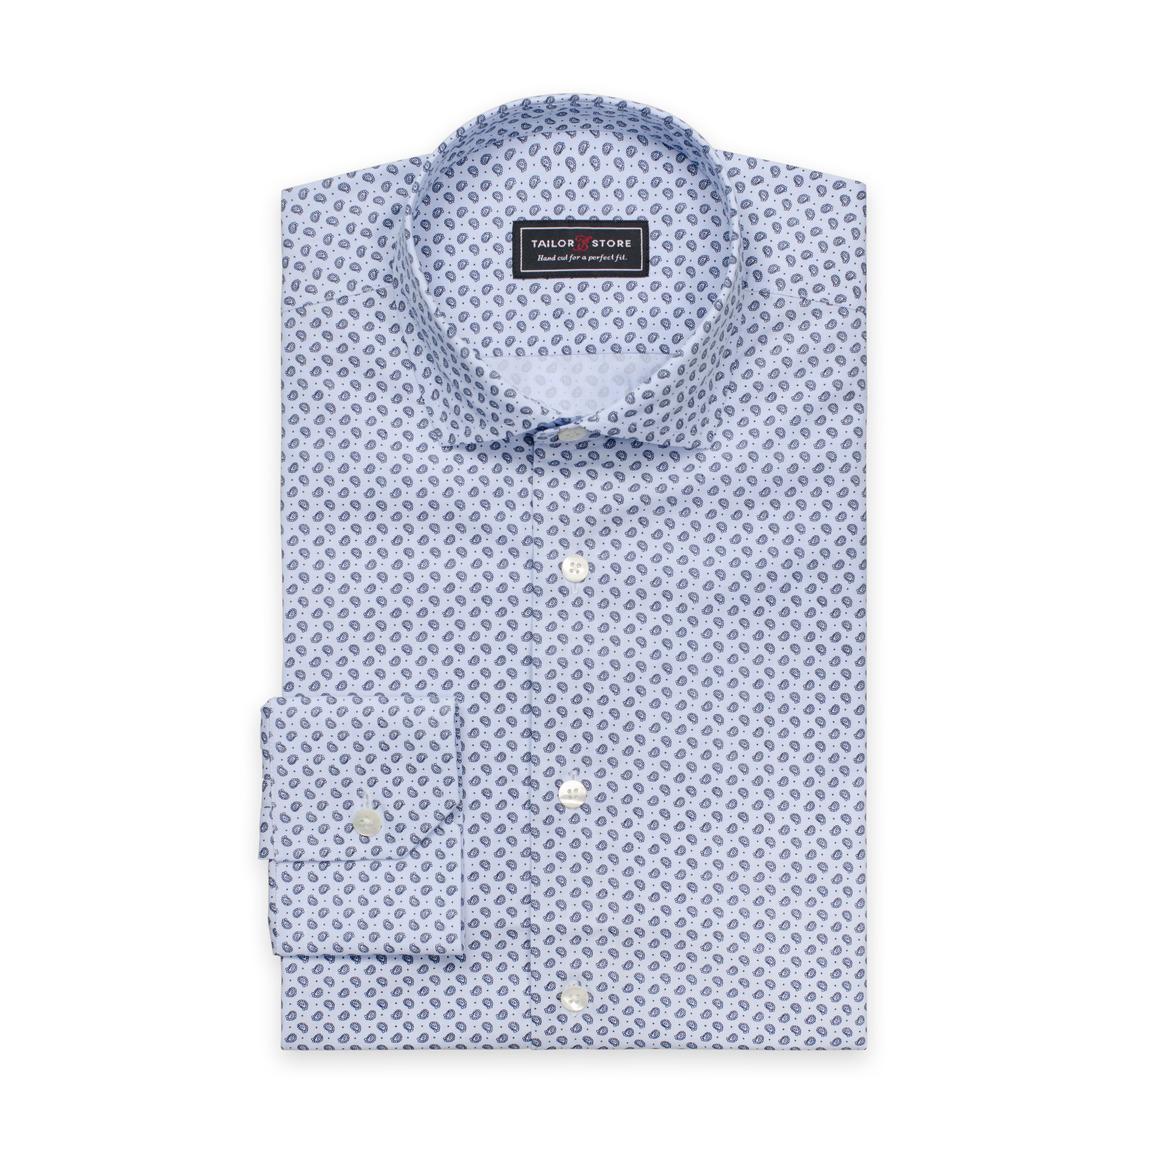 Vaaleansininen paisleykuviollinen paita